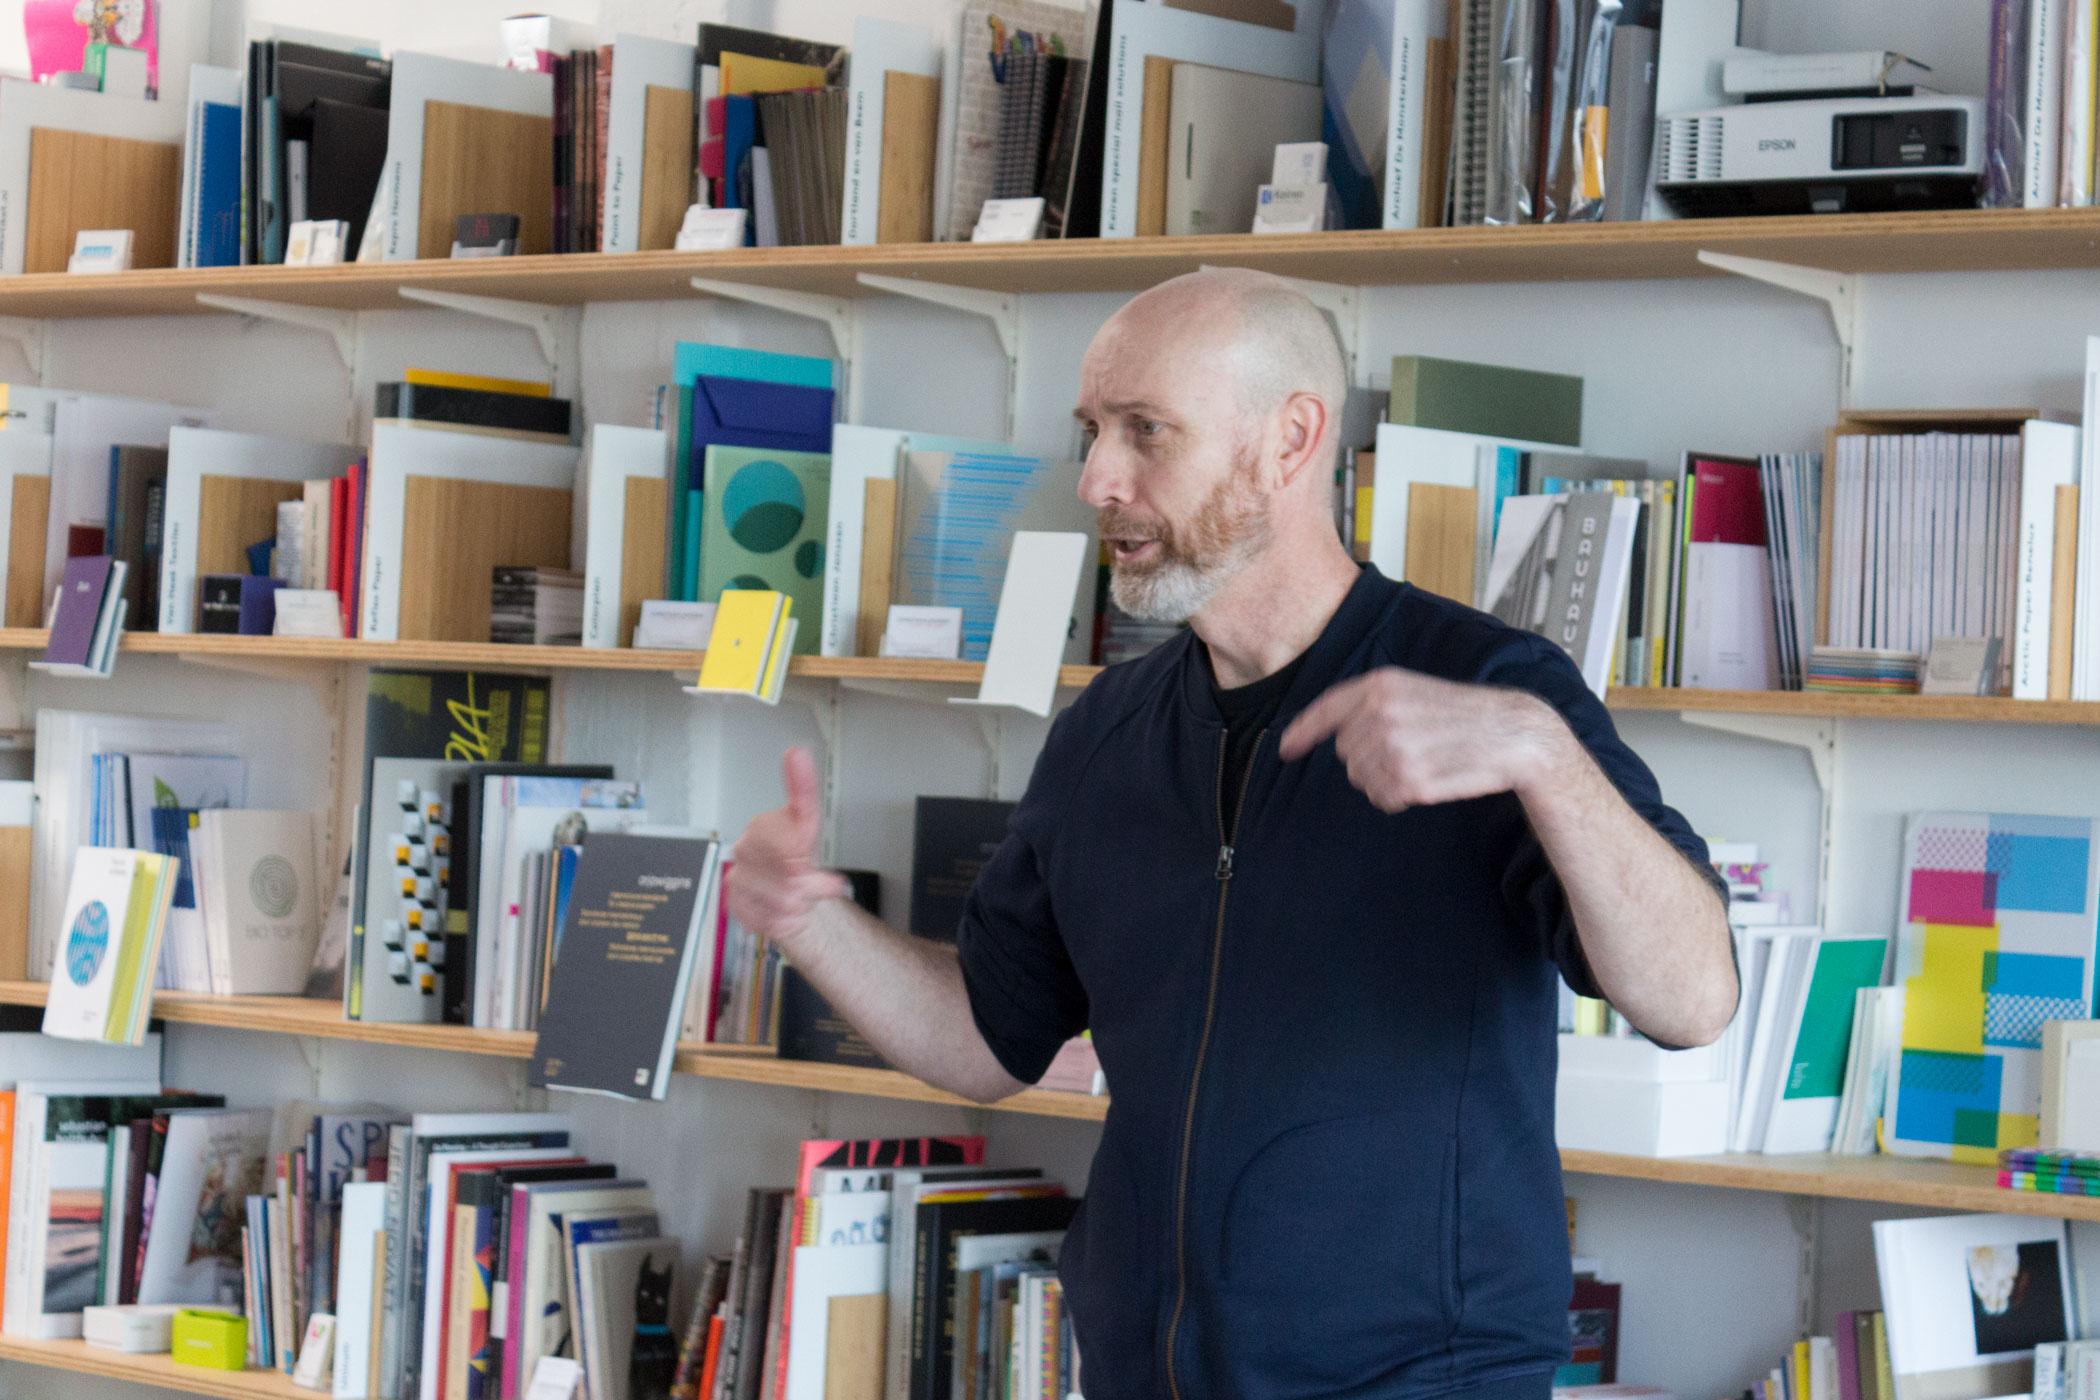 Philip Stroomberg met de studenten van Den Skandinaviske Designhøjskole uit Denemarken